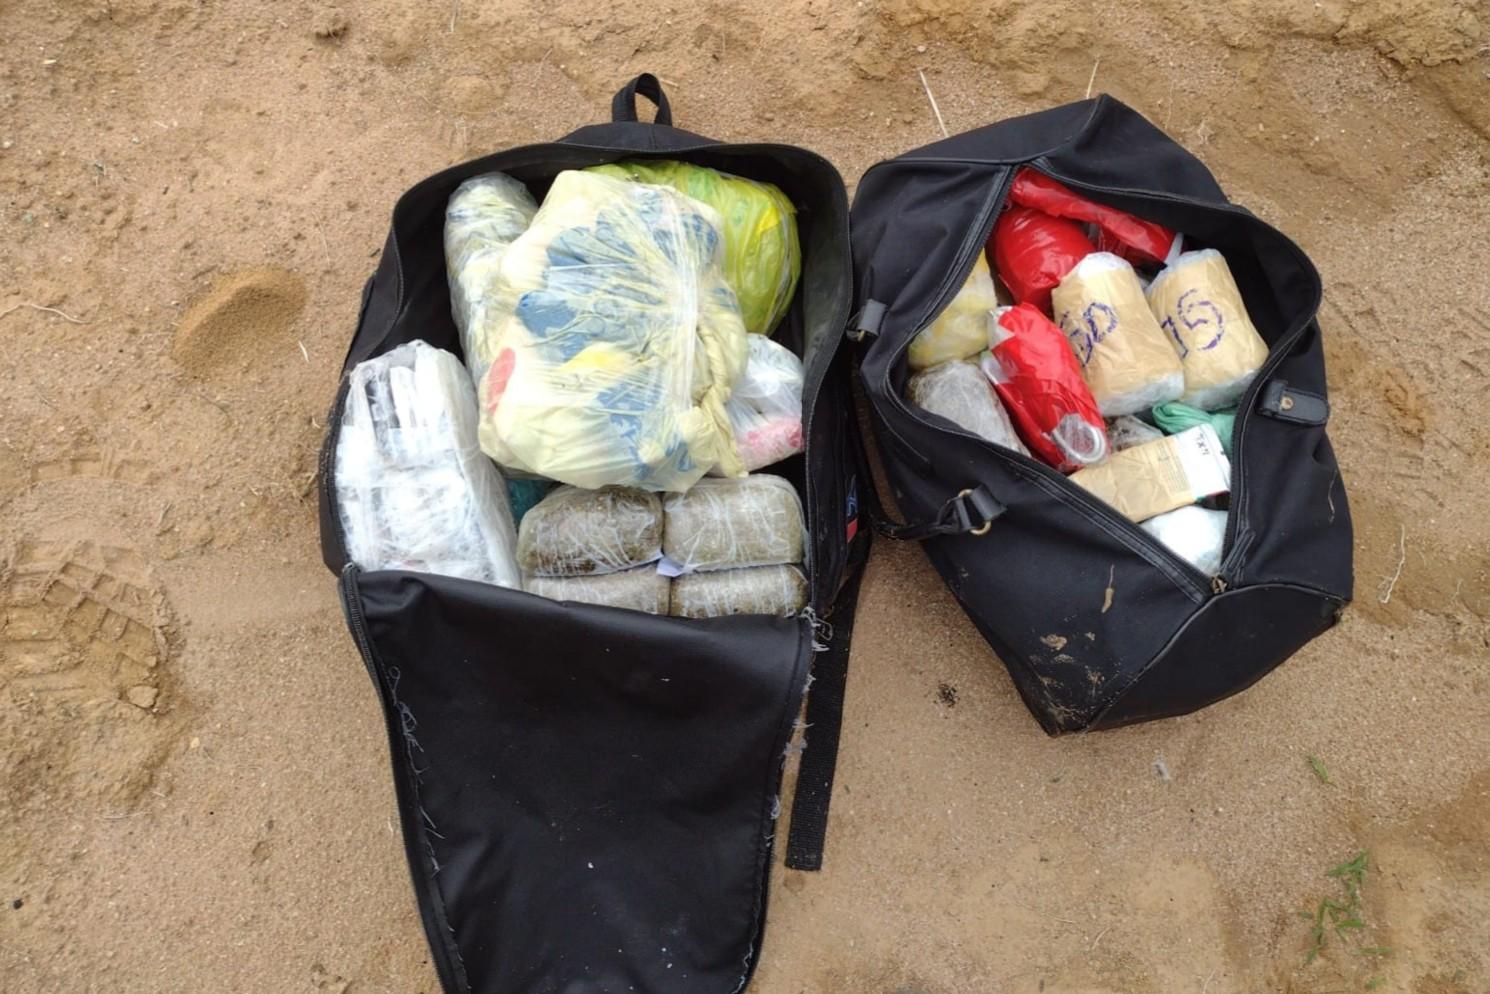 Homem é preso com 8 kg de drogas e mais de 80 celulares ao tentar arremessar bolsas para dentro do Pemano em Tremembé